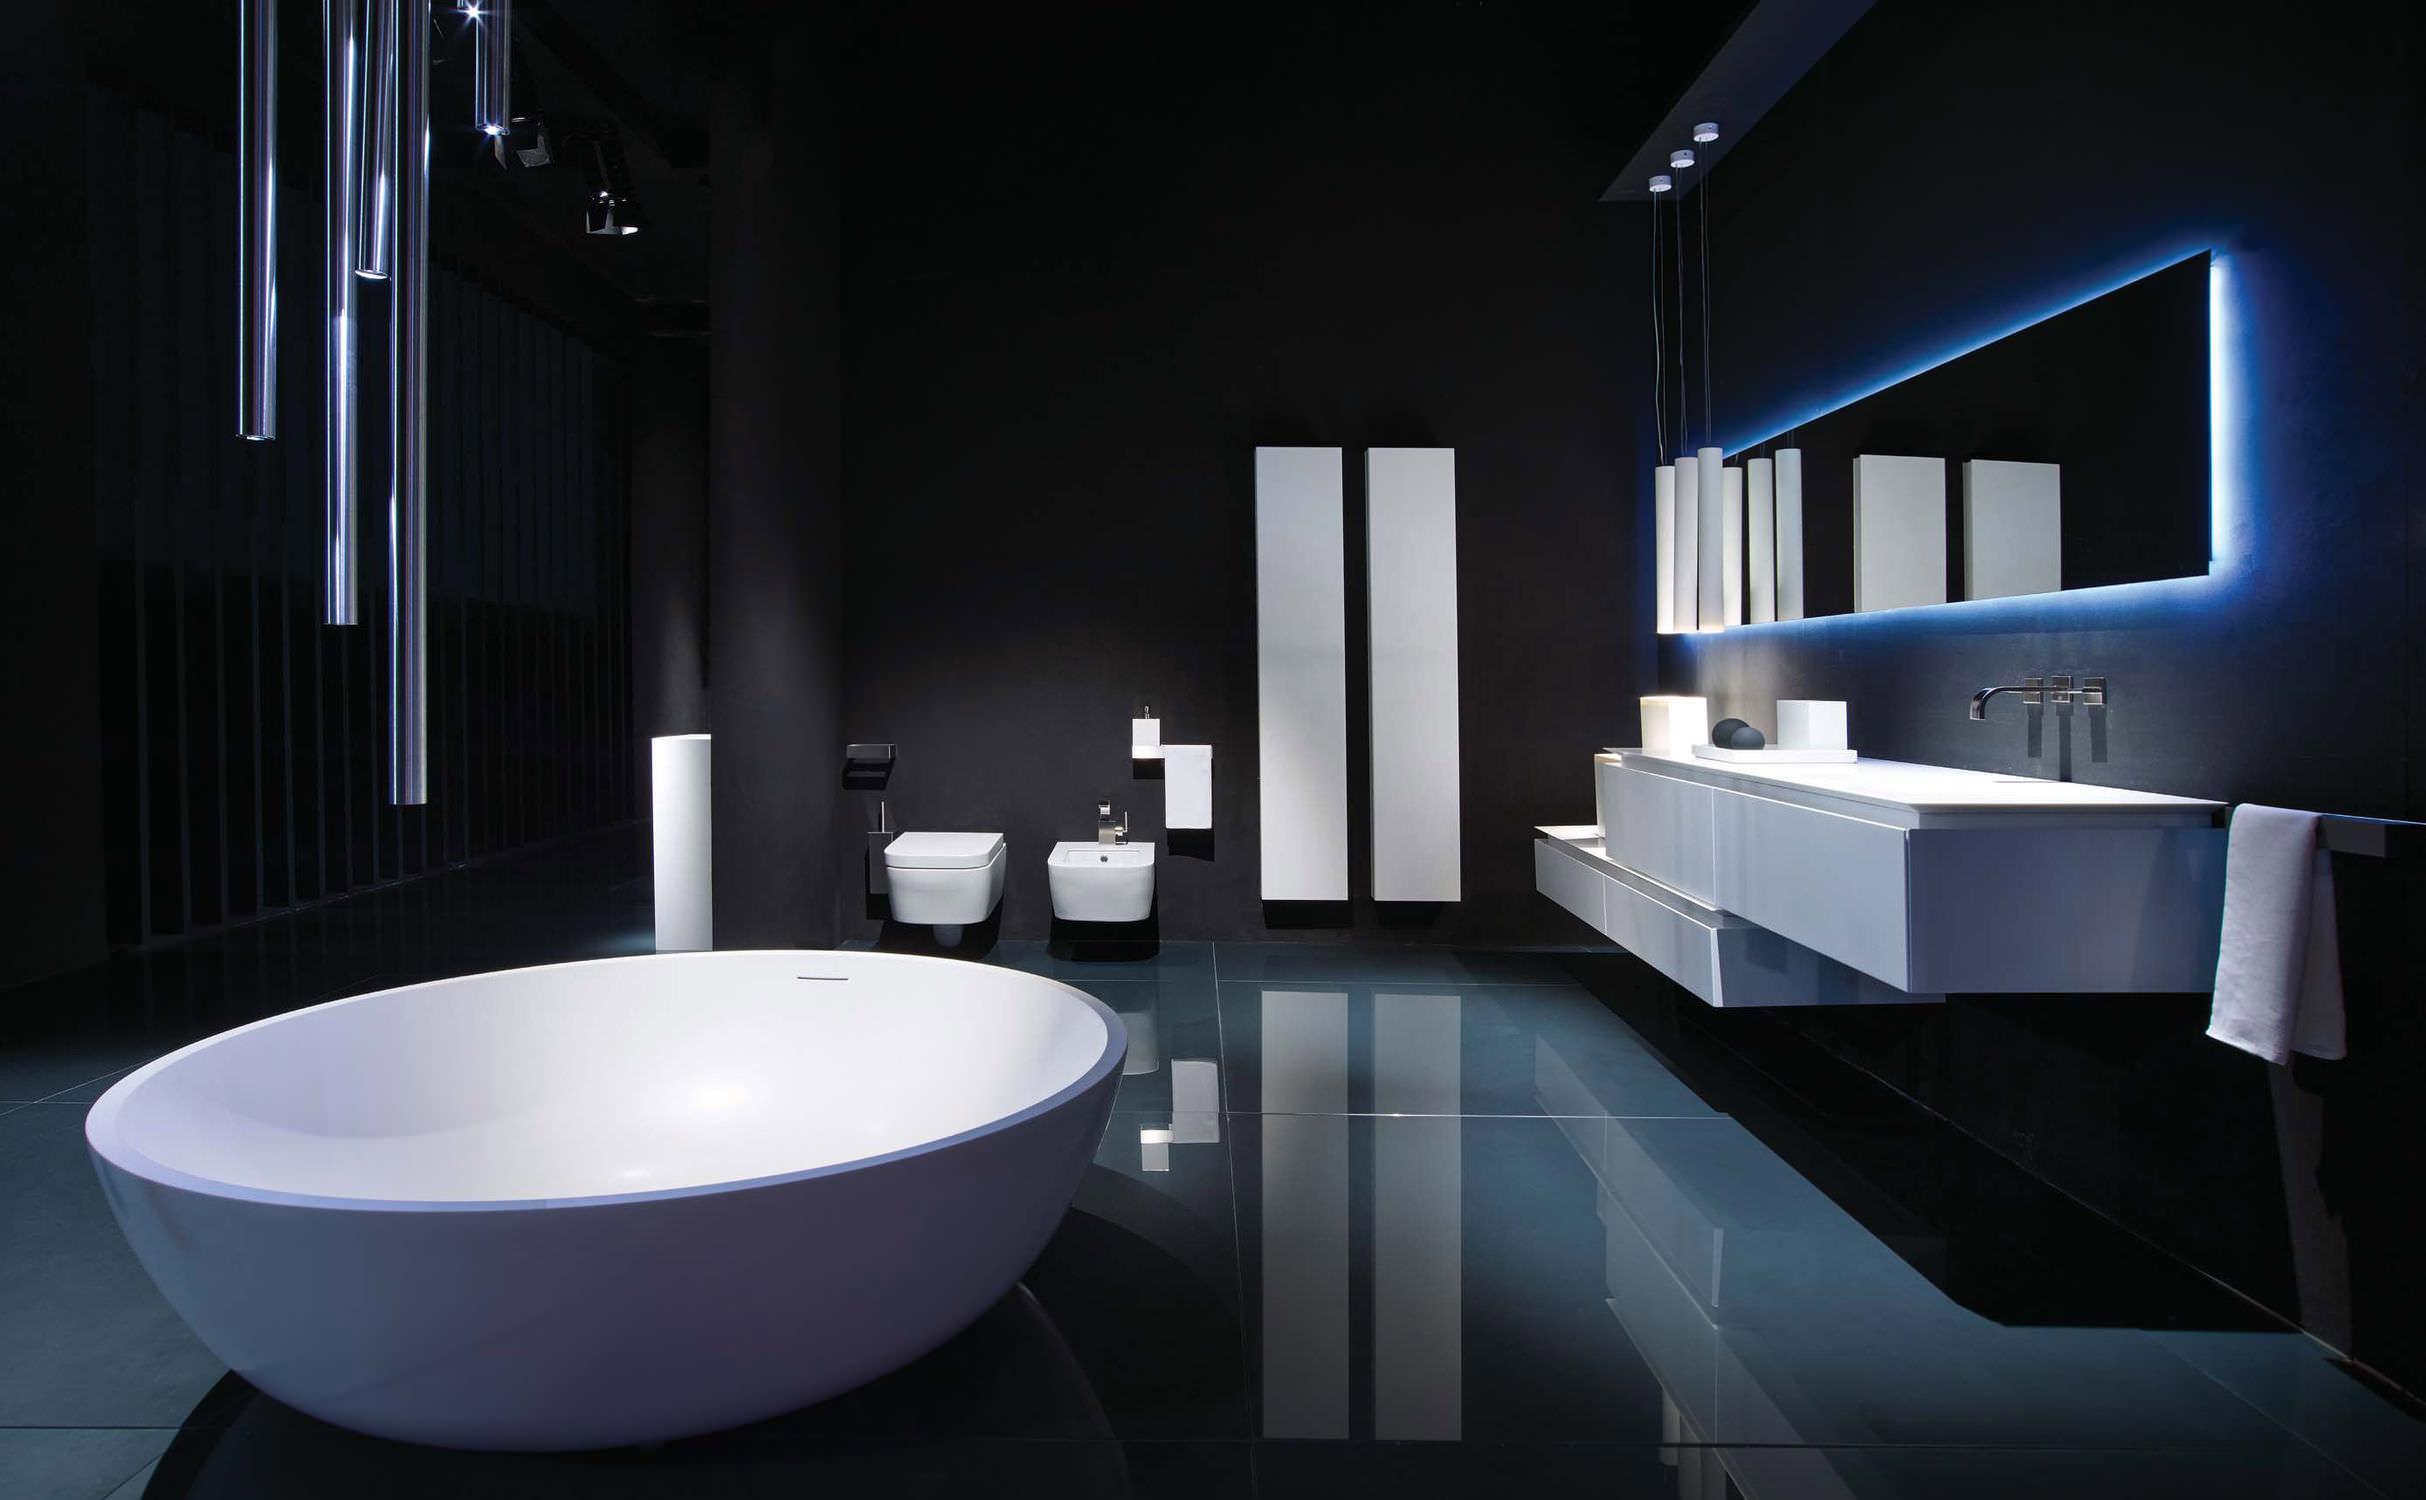 Meuble colonne de salle de bain / contemporain - K.FLY - RI.FRA MOBILI